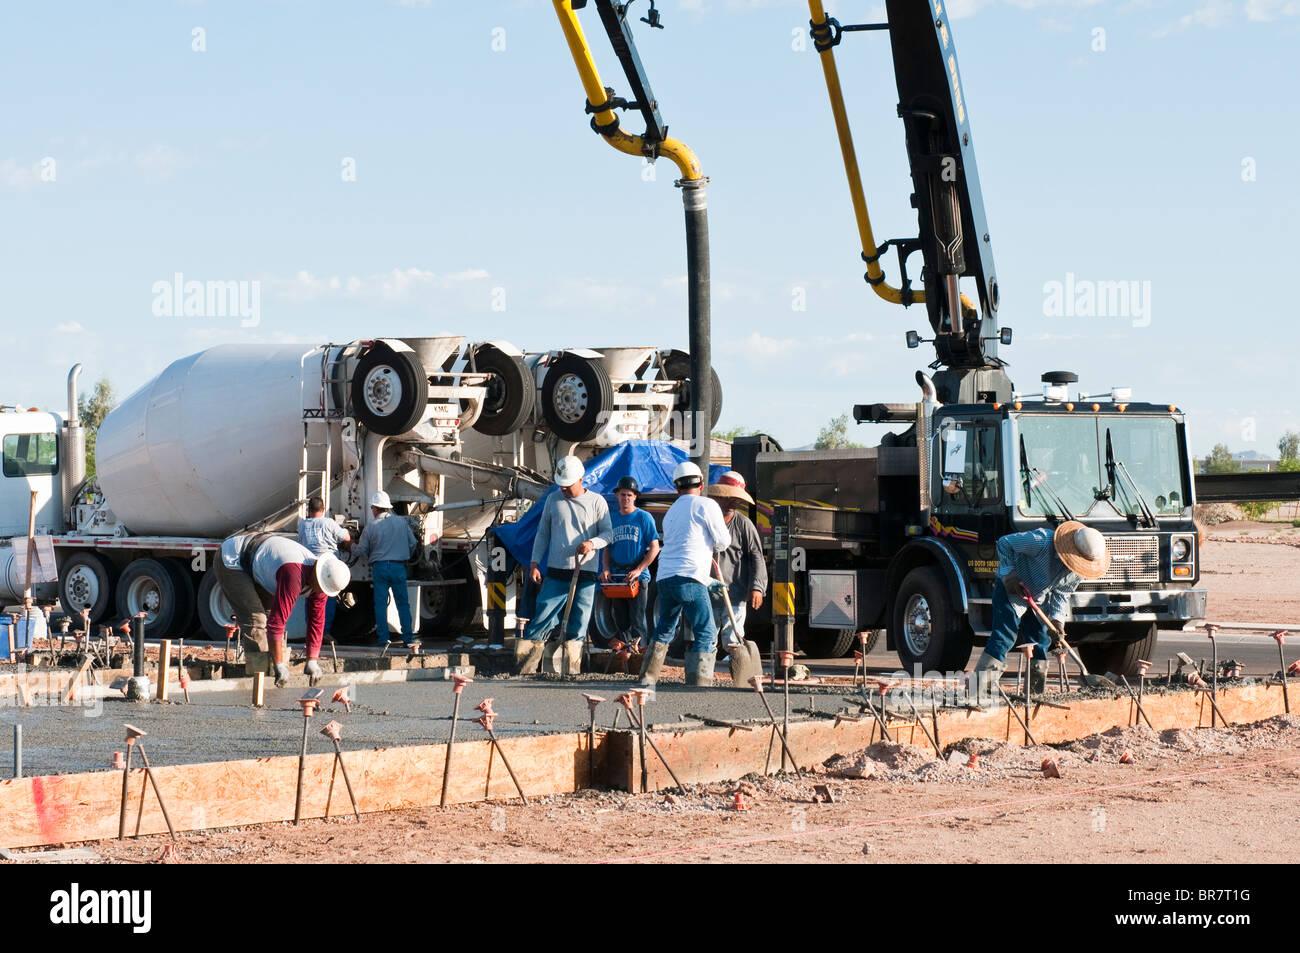 Un equipaggio di lavoratori versare una soletta di calcestruzzo per una nuova casa in costruzione in Arizona. Immagini Stock